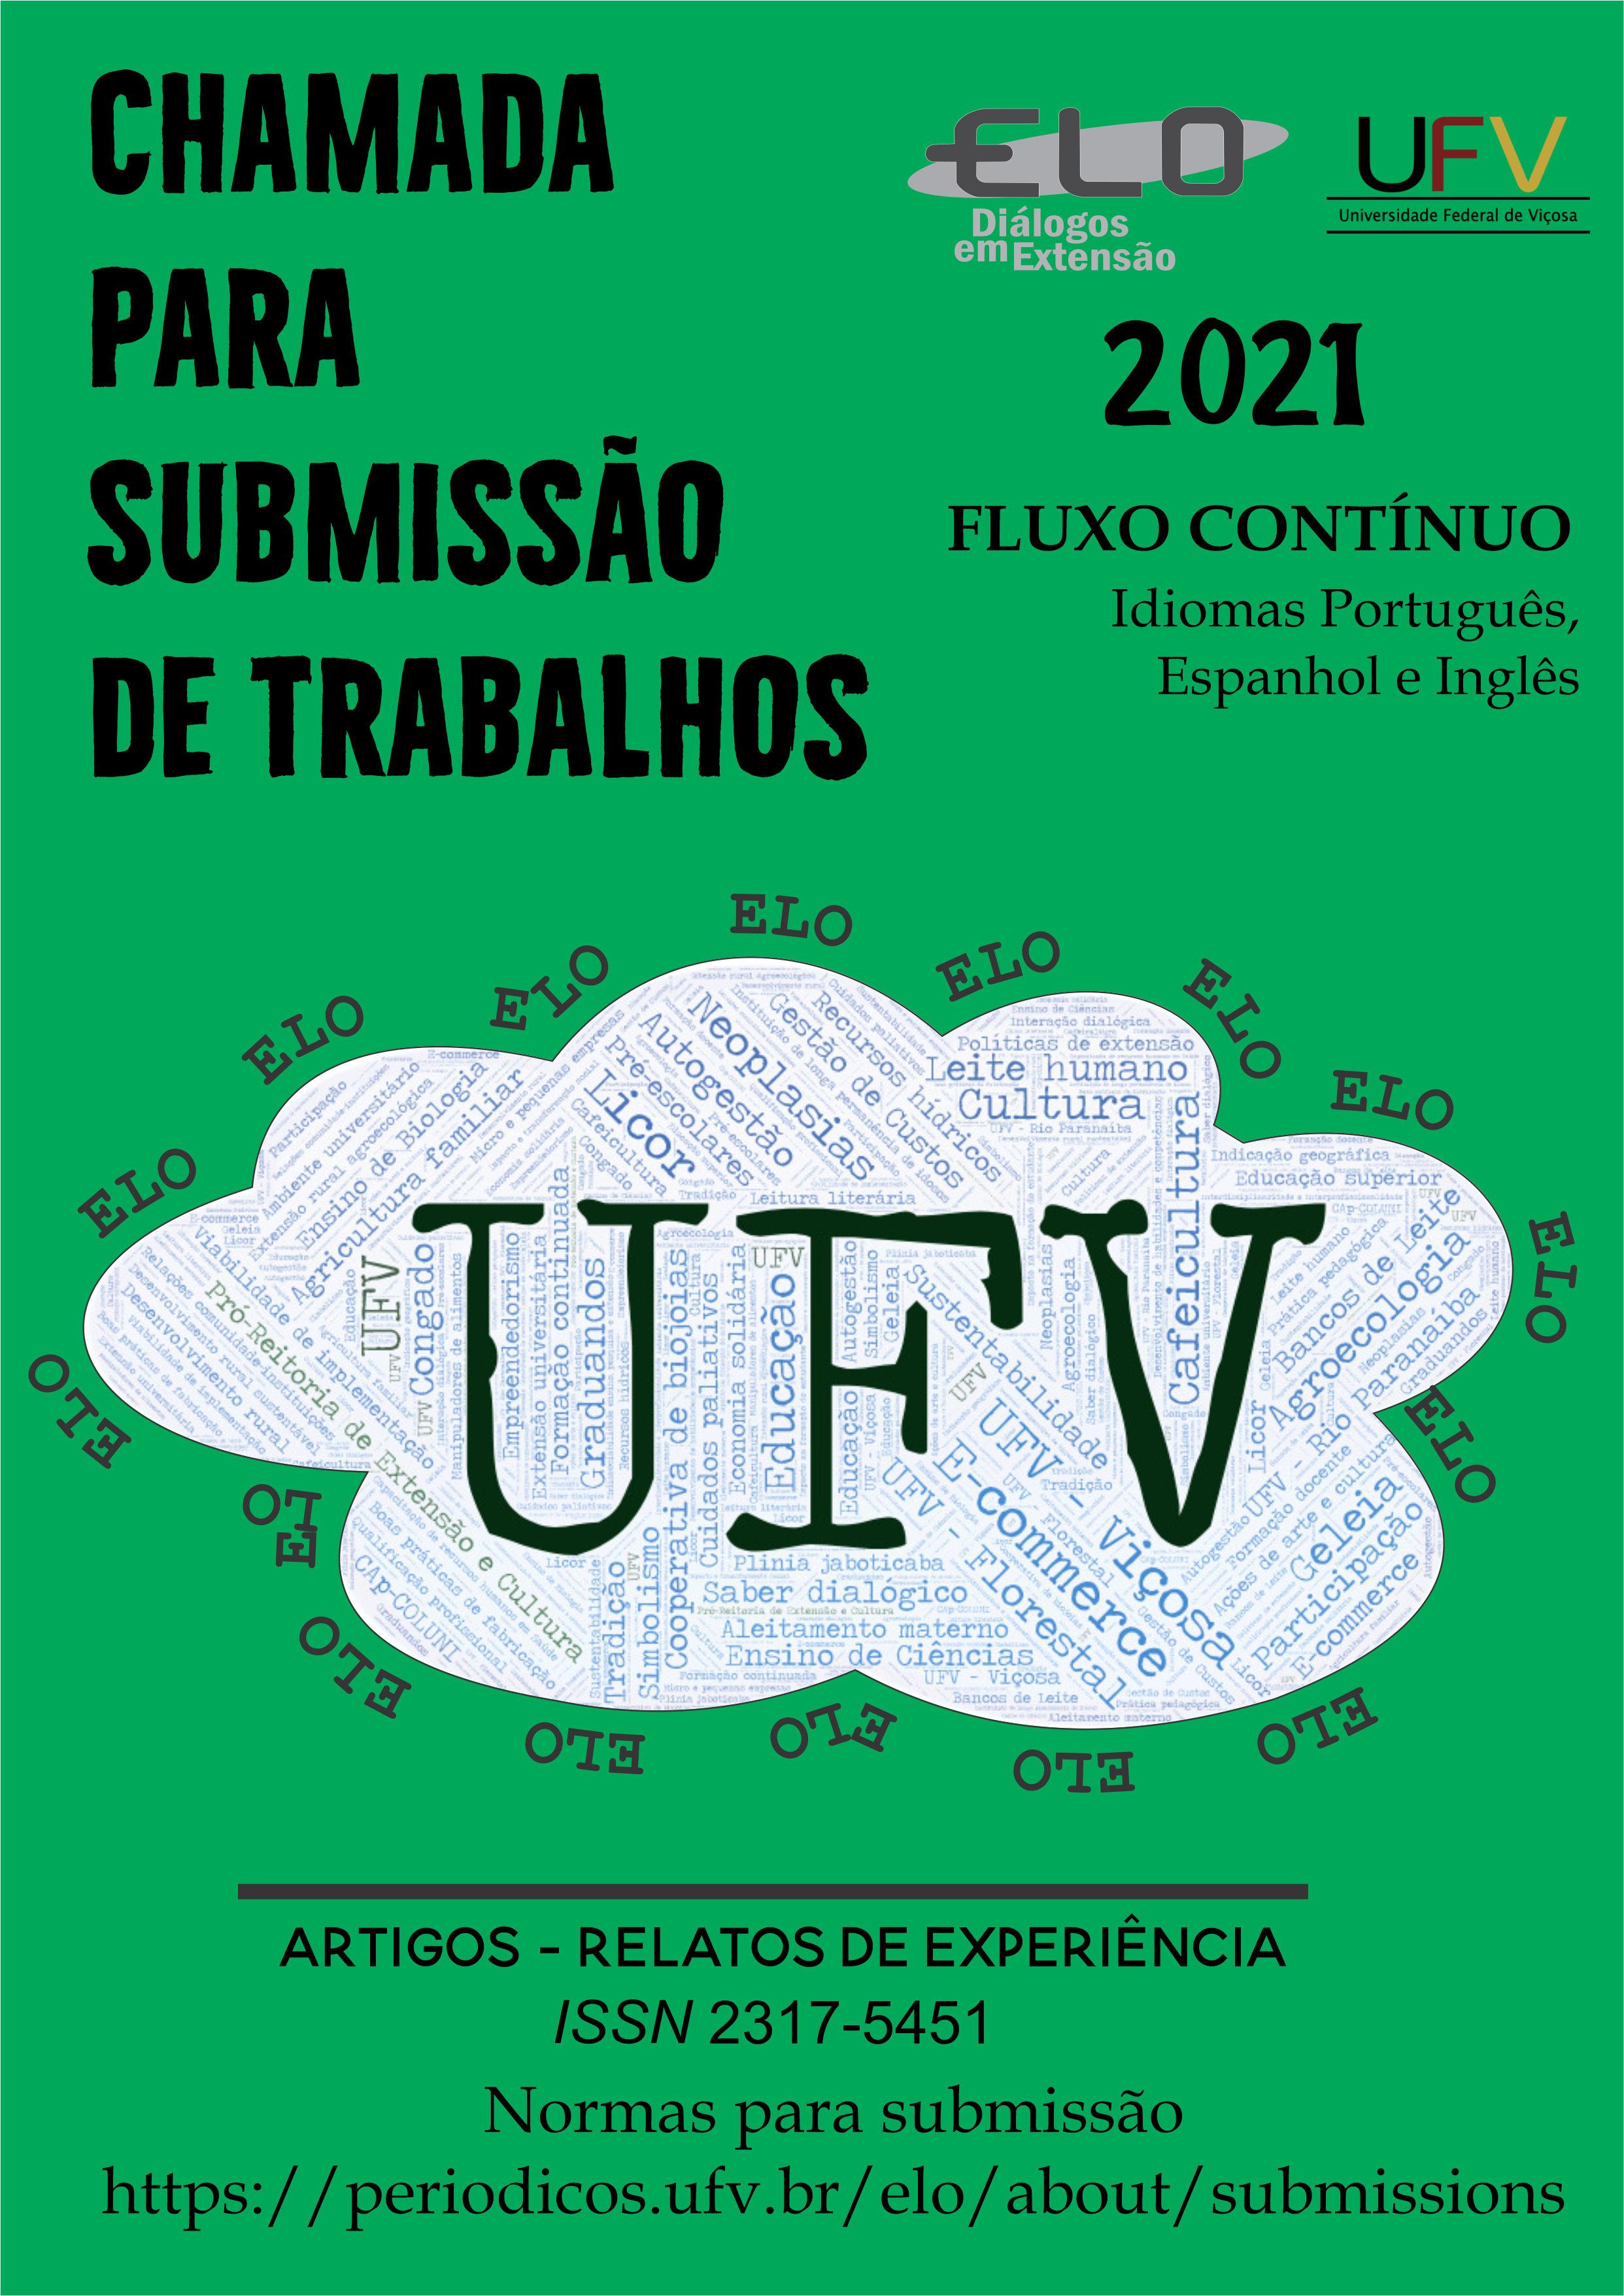 Banner chamada para publicação de trabalhos 2021